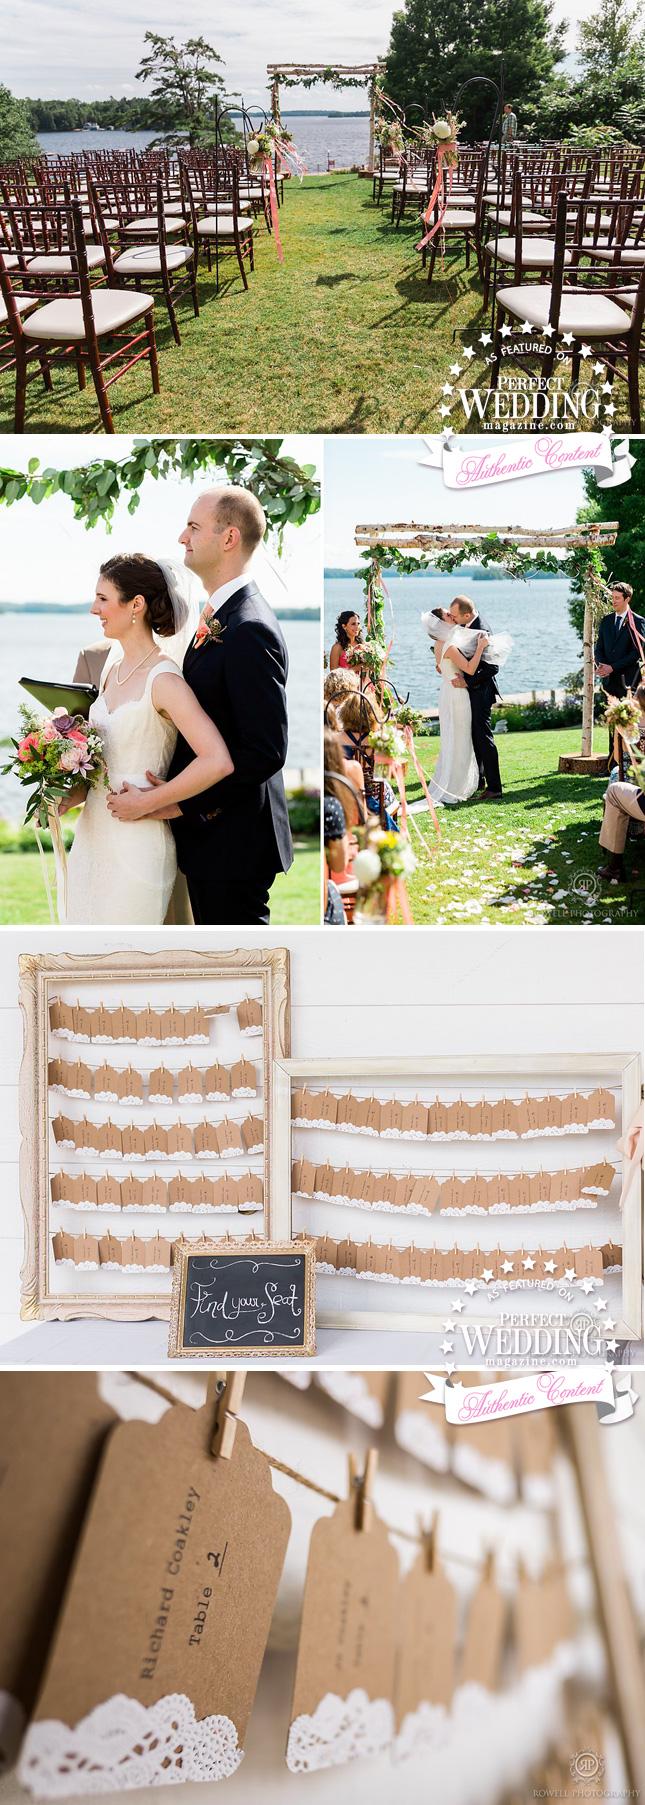 Canadian Summer Weddings, Summer weddings, SUMMER WEDDING MUSKOKA,Muskoka Weddings, Rowell Photo, Cottage Wedding, Wedding Decor, Bridal Flowers, Perfect Wedding Magazine, Perfect Wedding Blog